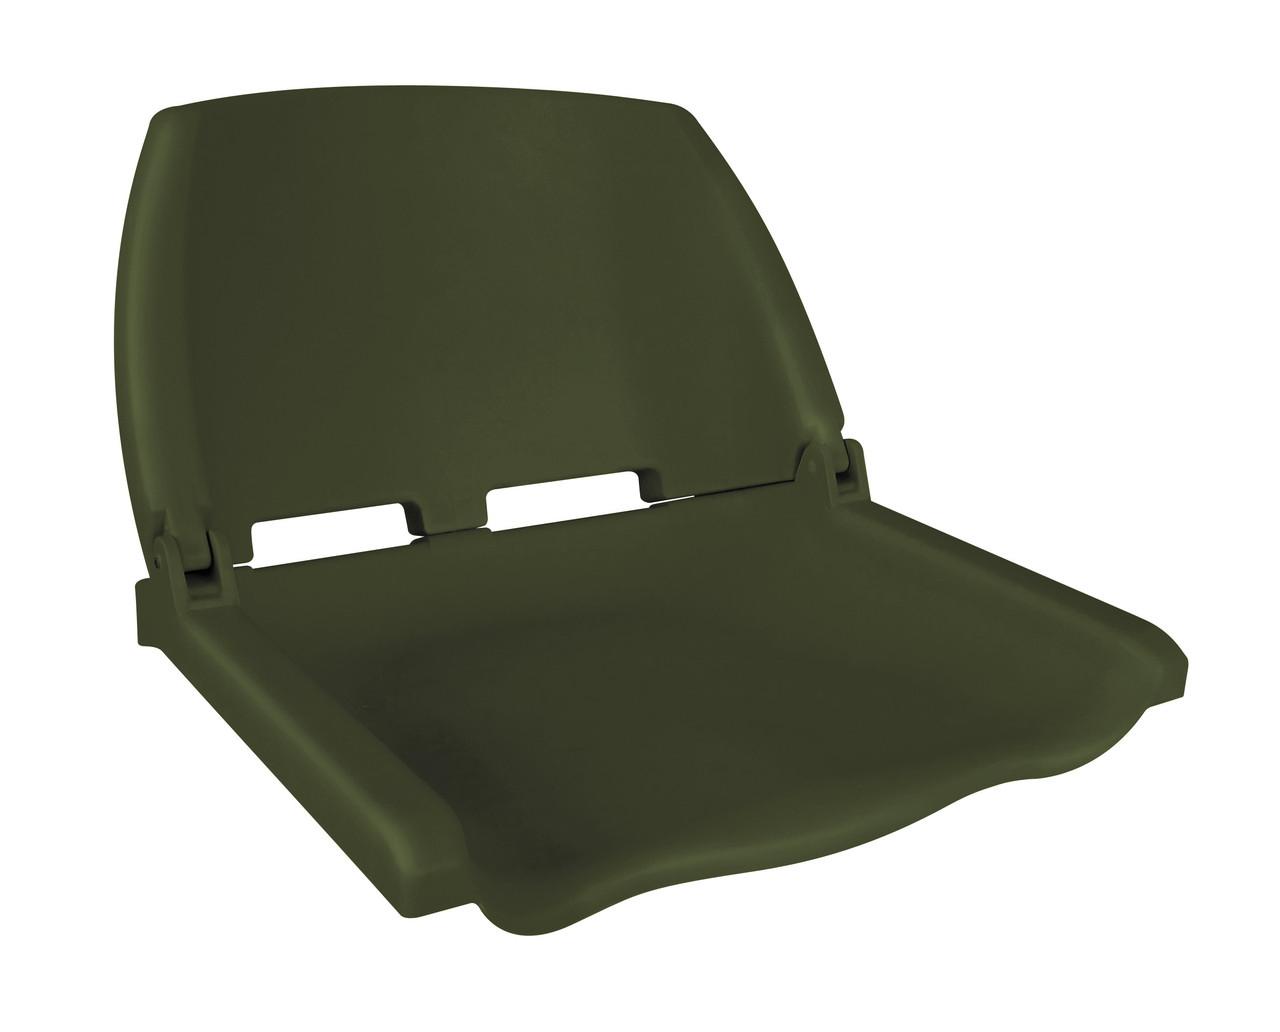 Сиденье для лодки складное пластиковое олива